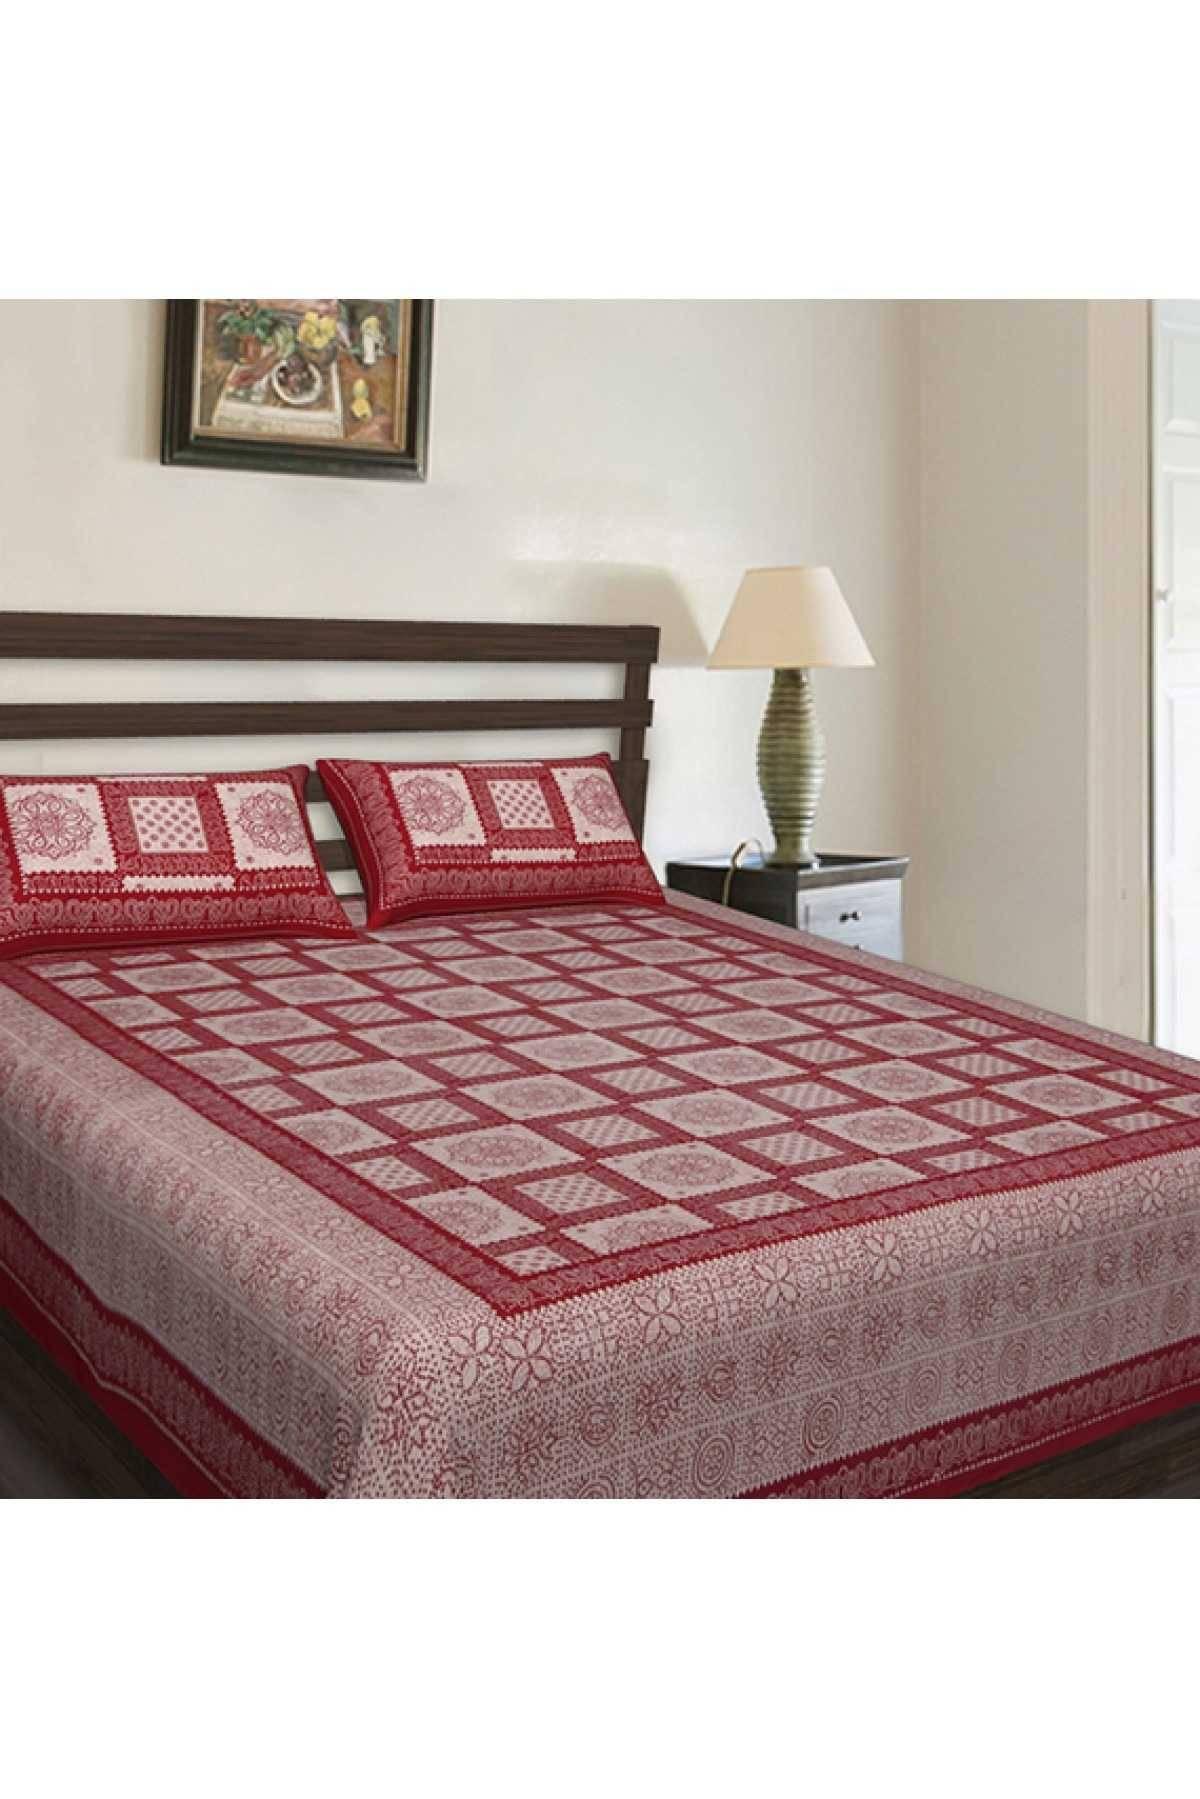 pillow top sheets walmart of bed desk pillow luxury pillow mattresses fresh eclipse mattress pertaining to bed desk pillow luxury pillow mattresses fresh eclipse mattress pillow top new bmw